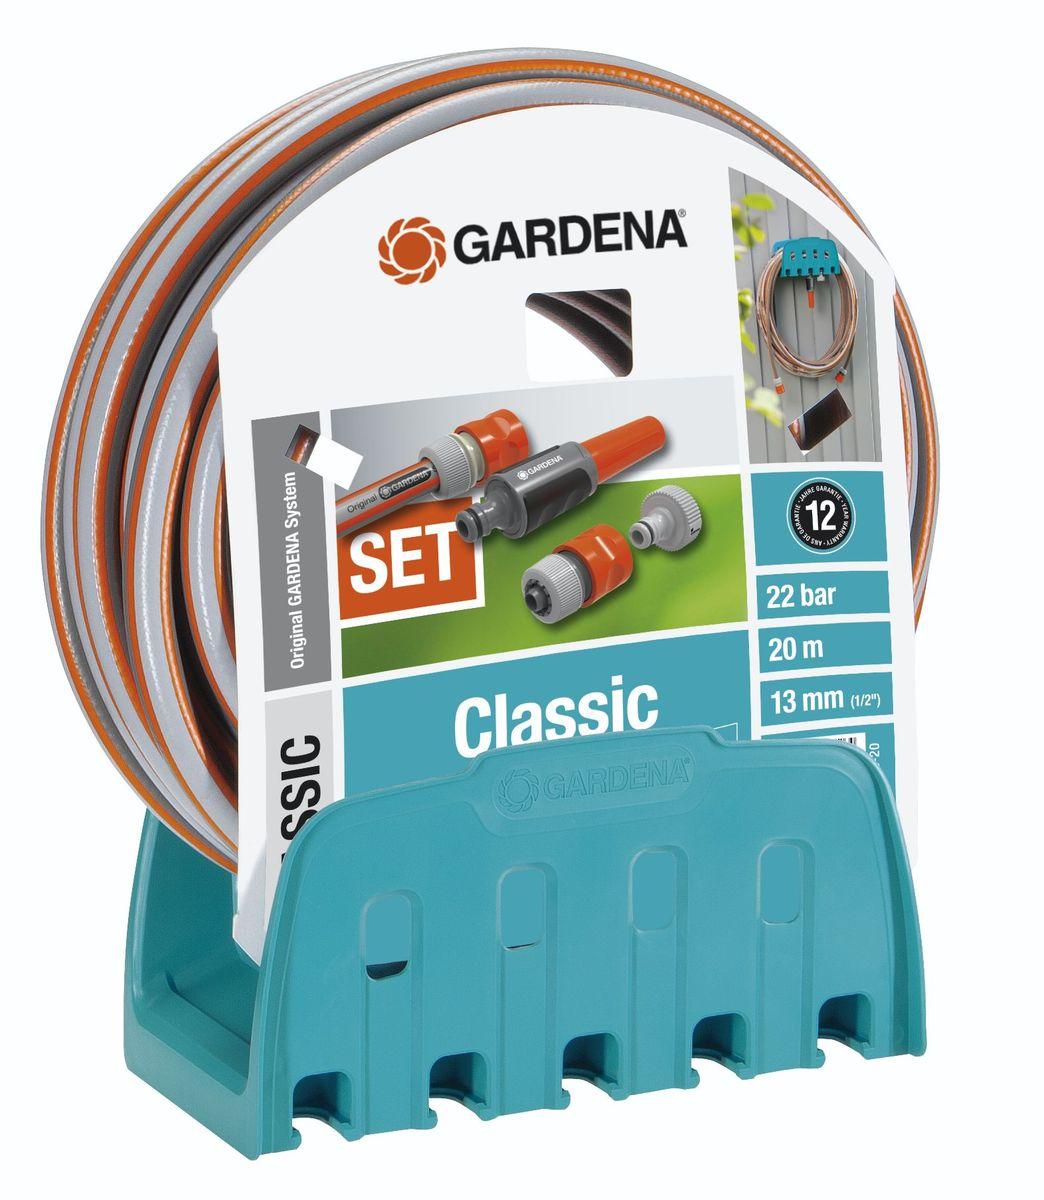 Кронштейн настенный Gardena Classic со шлангом18005-20.000.00Кронштейн настенный Gardena Classic со шлангом позволяет незамедлительно приступить к работе. В комплект входит настенный кронштейн, 20-метровый шланг 13 мм (1/2 ), все необходимые соединительные элементы и наконечник для полива. Шланг устойчив к воздействию давления воды и сохраняет свою форму (давление разрыва 22 бар). Этот шланг позволит поливать много и в течение длительного времени. На время хранения просто намотайте его на настенный кронштейн. На кронштейне расположены практичные крепления для насадок для полива, опрыскивателей, коннекторов. Максимальная емкость 13 мм (1/2) - 35 м; Максимальная емкость 15 мм (5/8) - 25 м; Максимальная емкость 19 мм (3/4) - 20 м; Длина шланга - 20 м; Диаметр шланга - 13 мм.